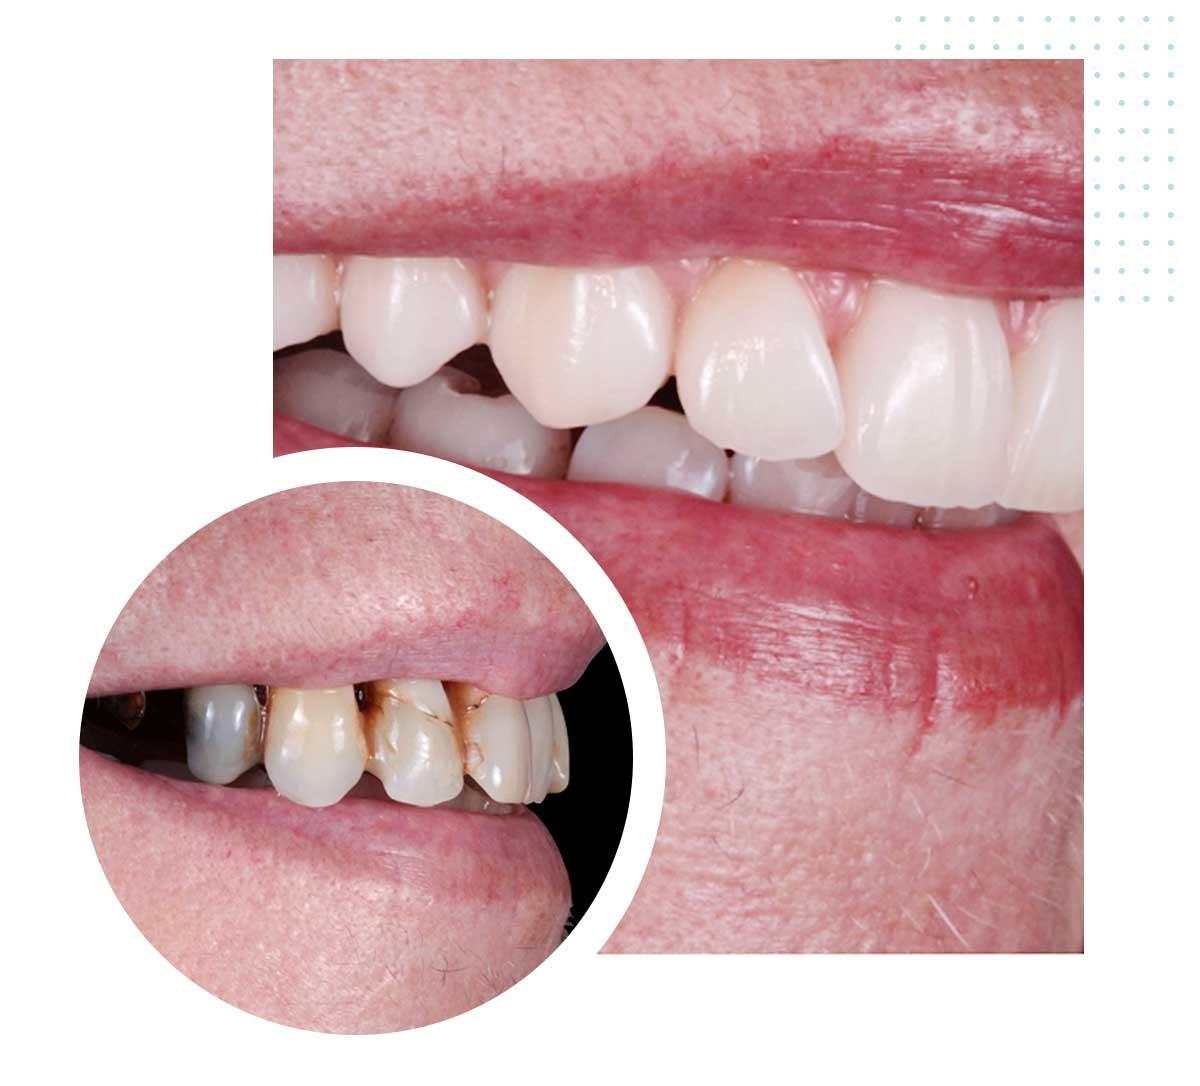 Prima e dopo impianto dentale